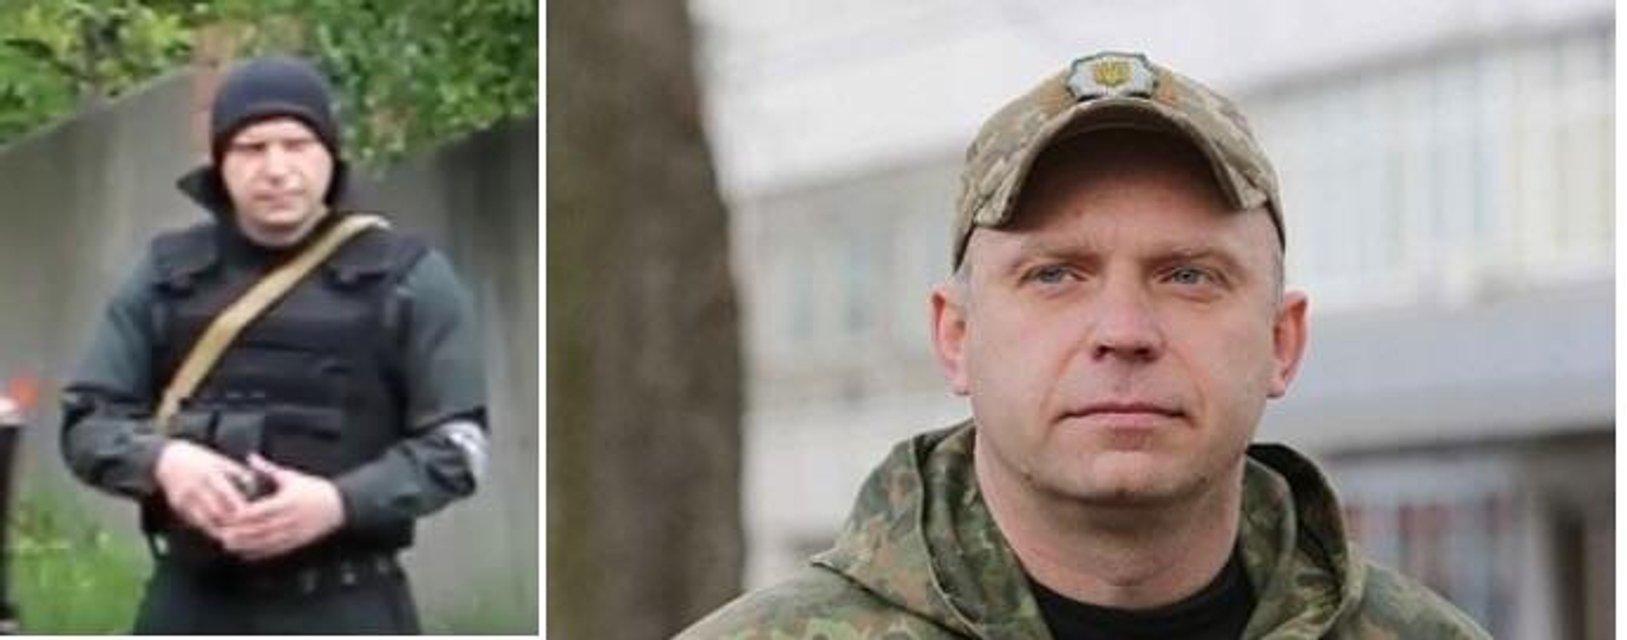 """Может, это и я: разгонявший блокадников полковник прокомментировал видео с боевиками """"ДНР"""" - фото 41463"""